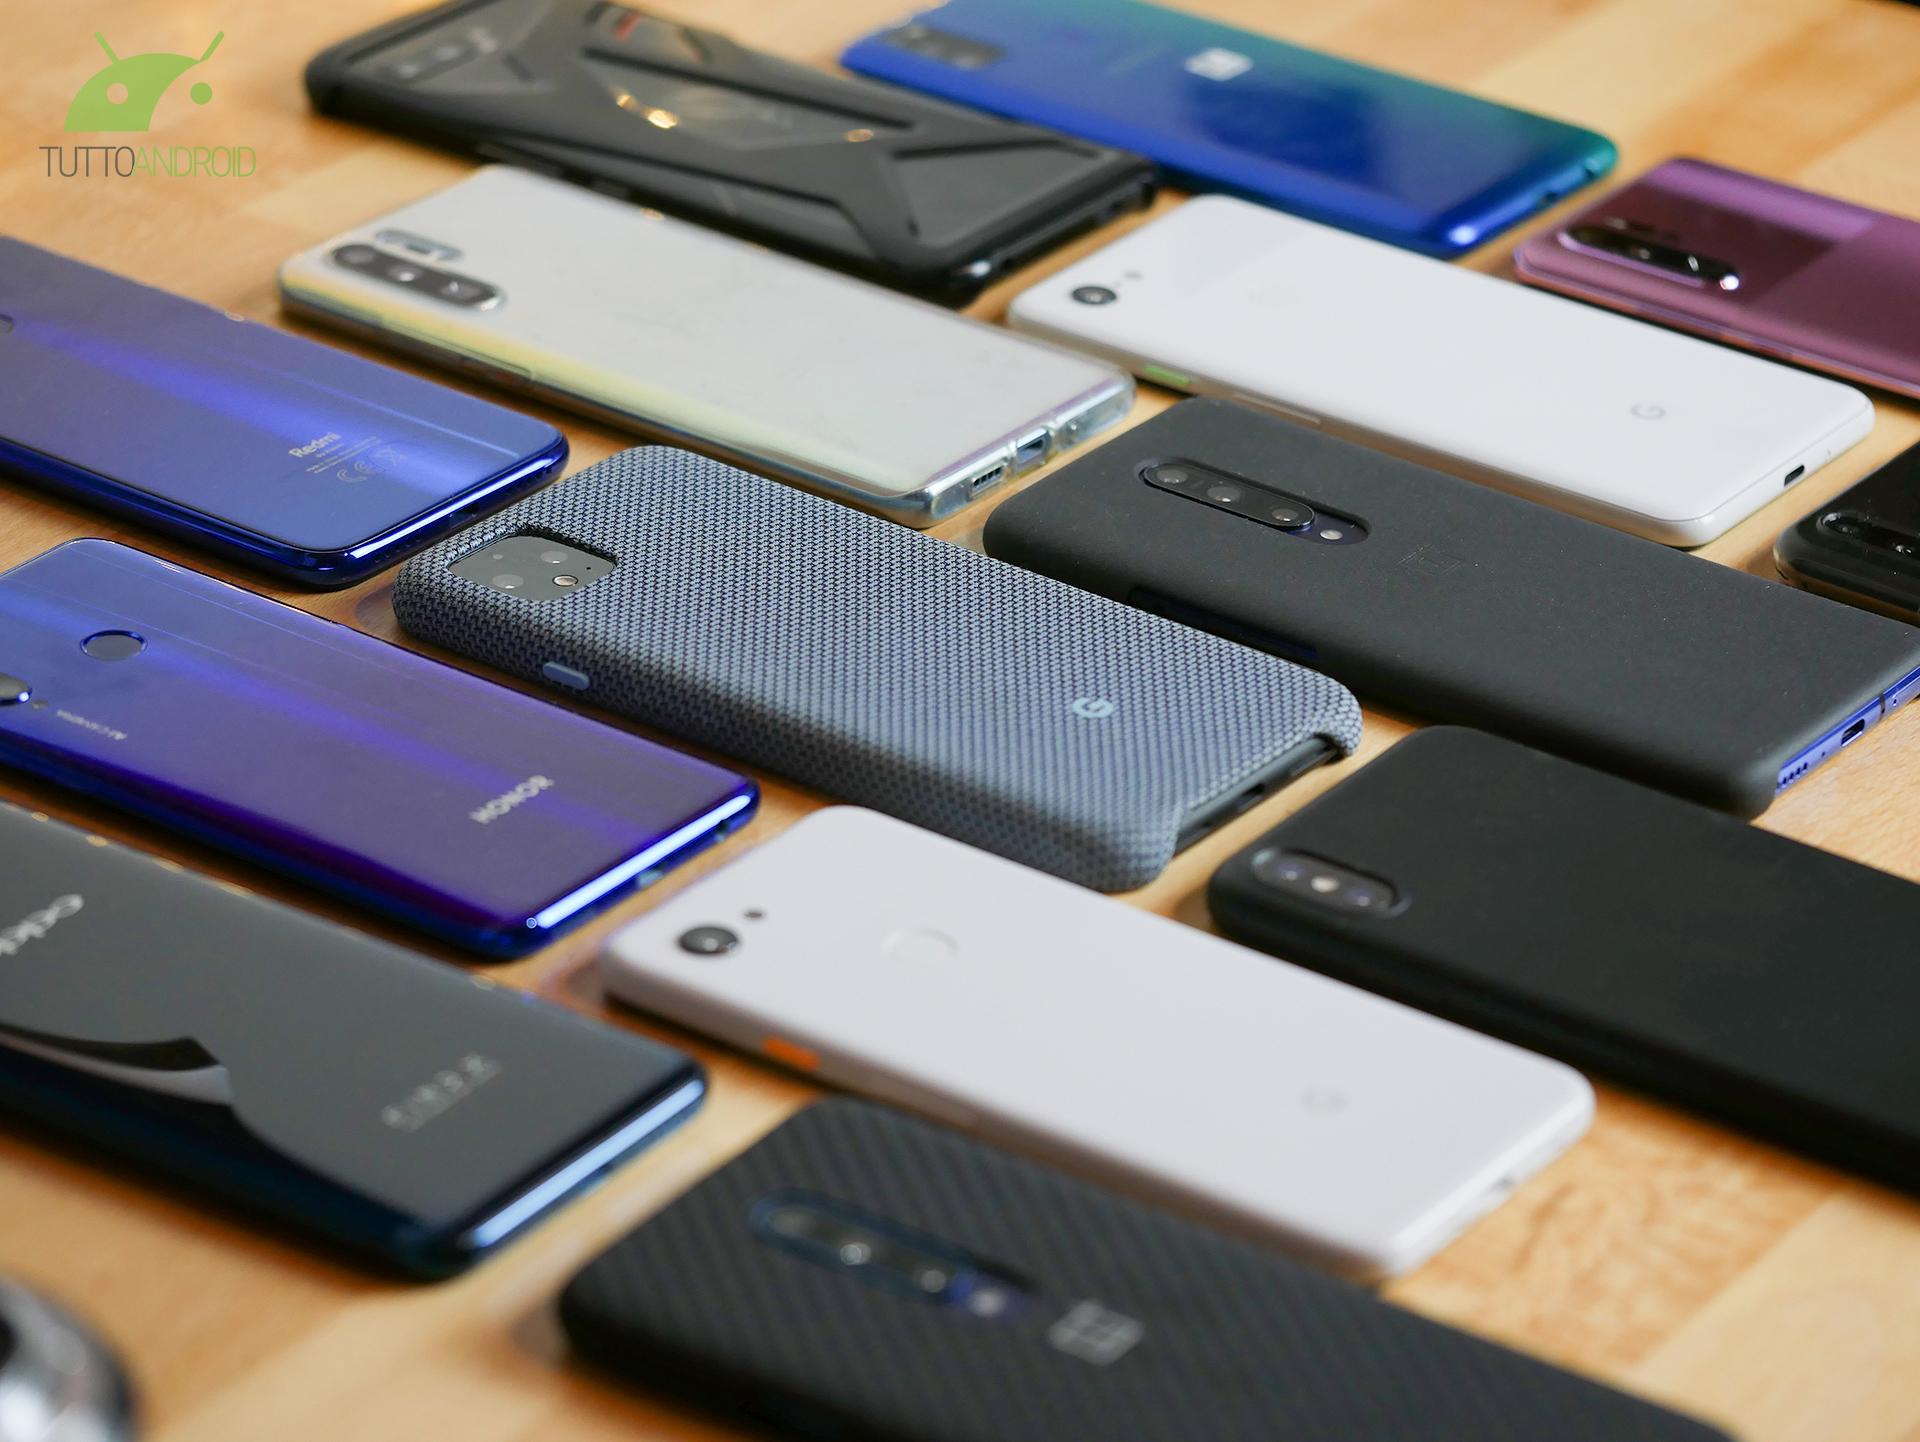 Quali sono gli smartphone preferiti dagli italiani? Ce lo rivela uno studio